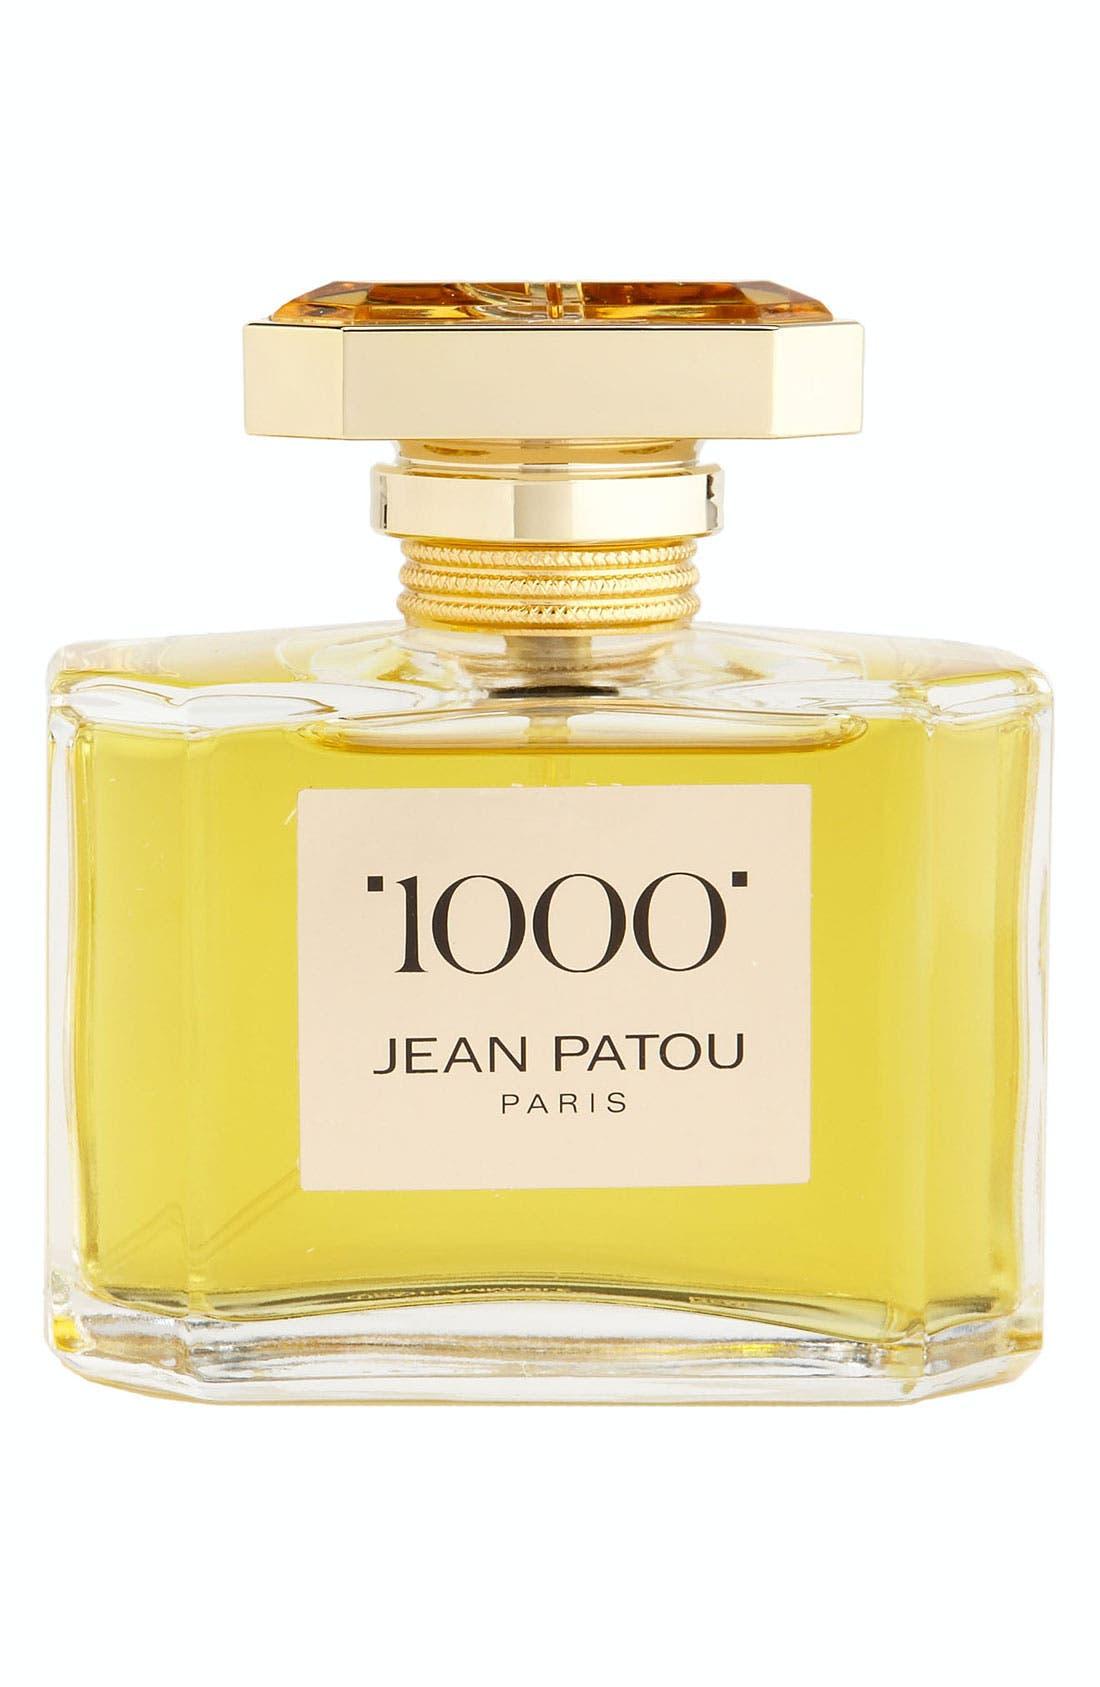 1000 By Jean Patou Eau De Parfum Jewel Spray